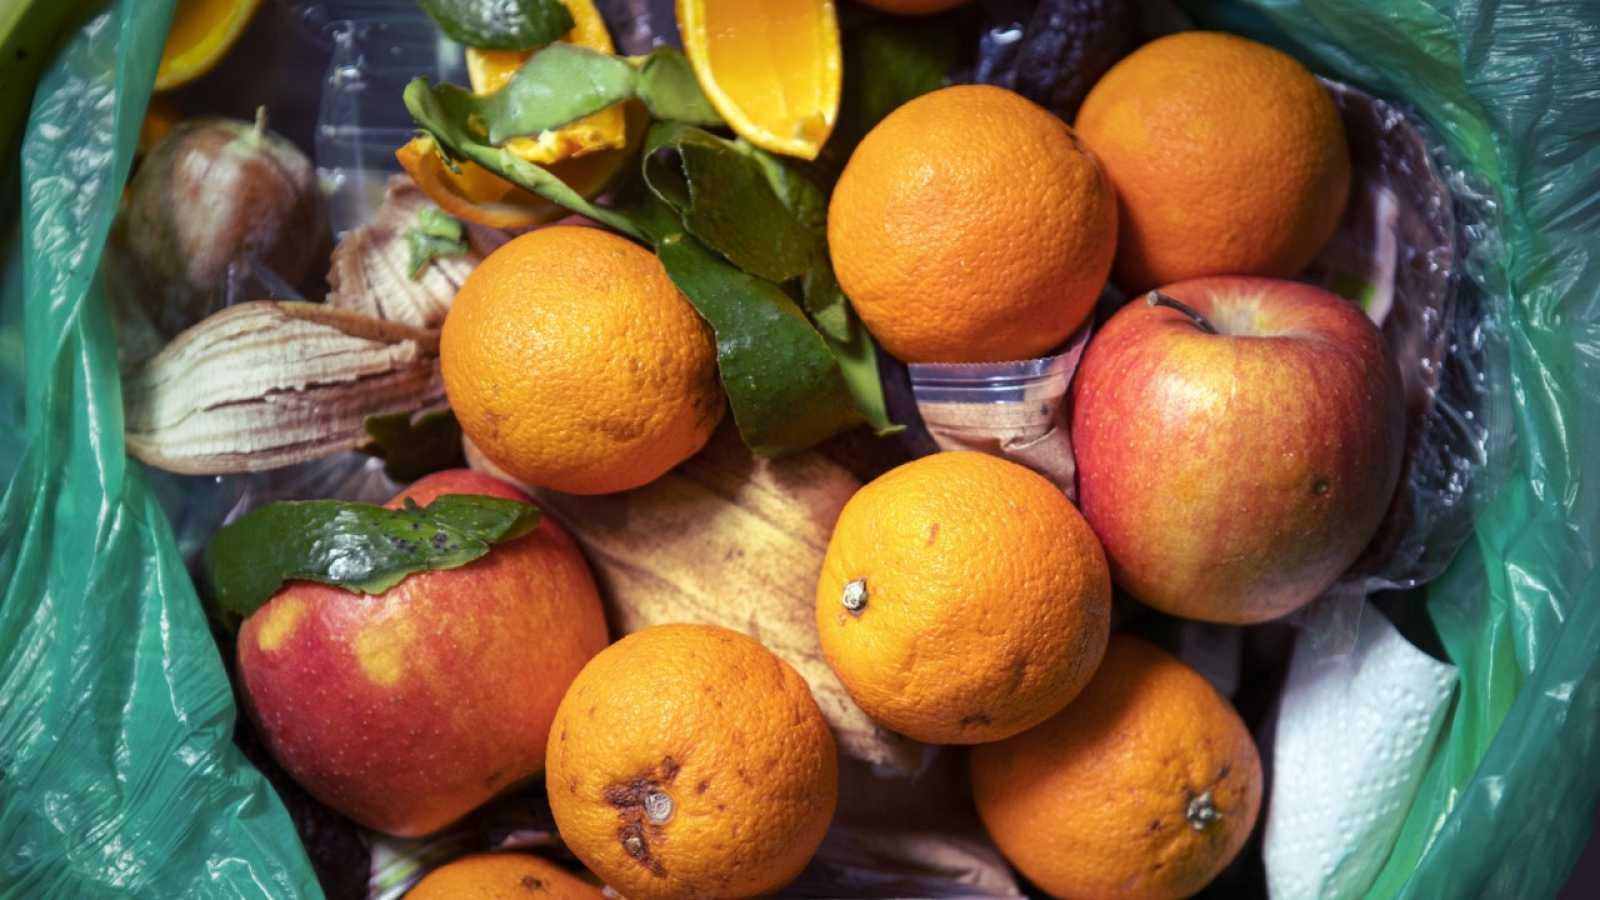 24 horas - Evitar el desperdicio alimentario - Escuchar ahora